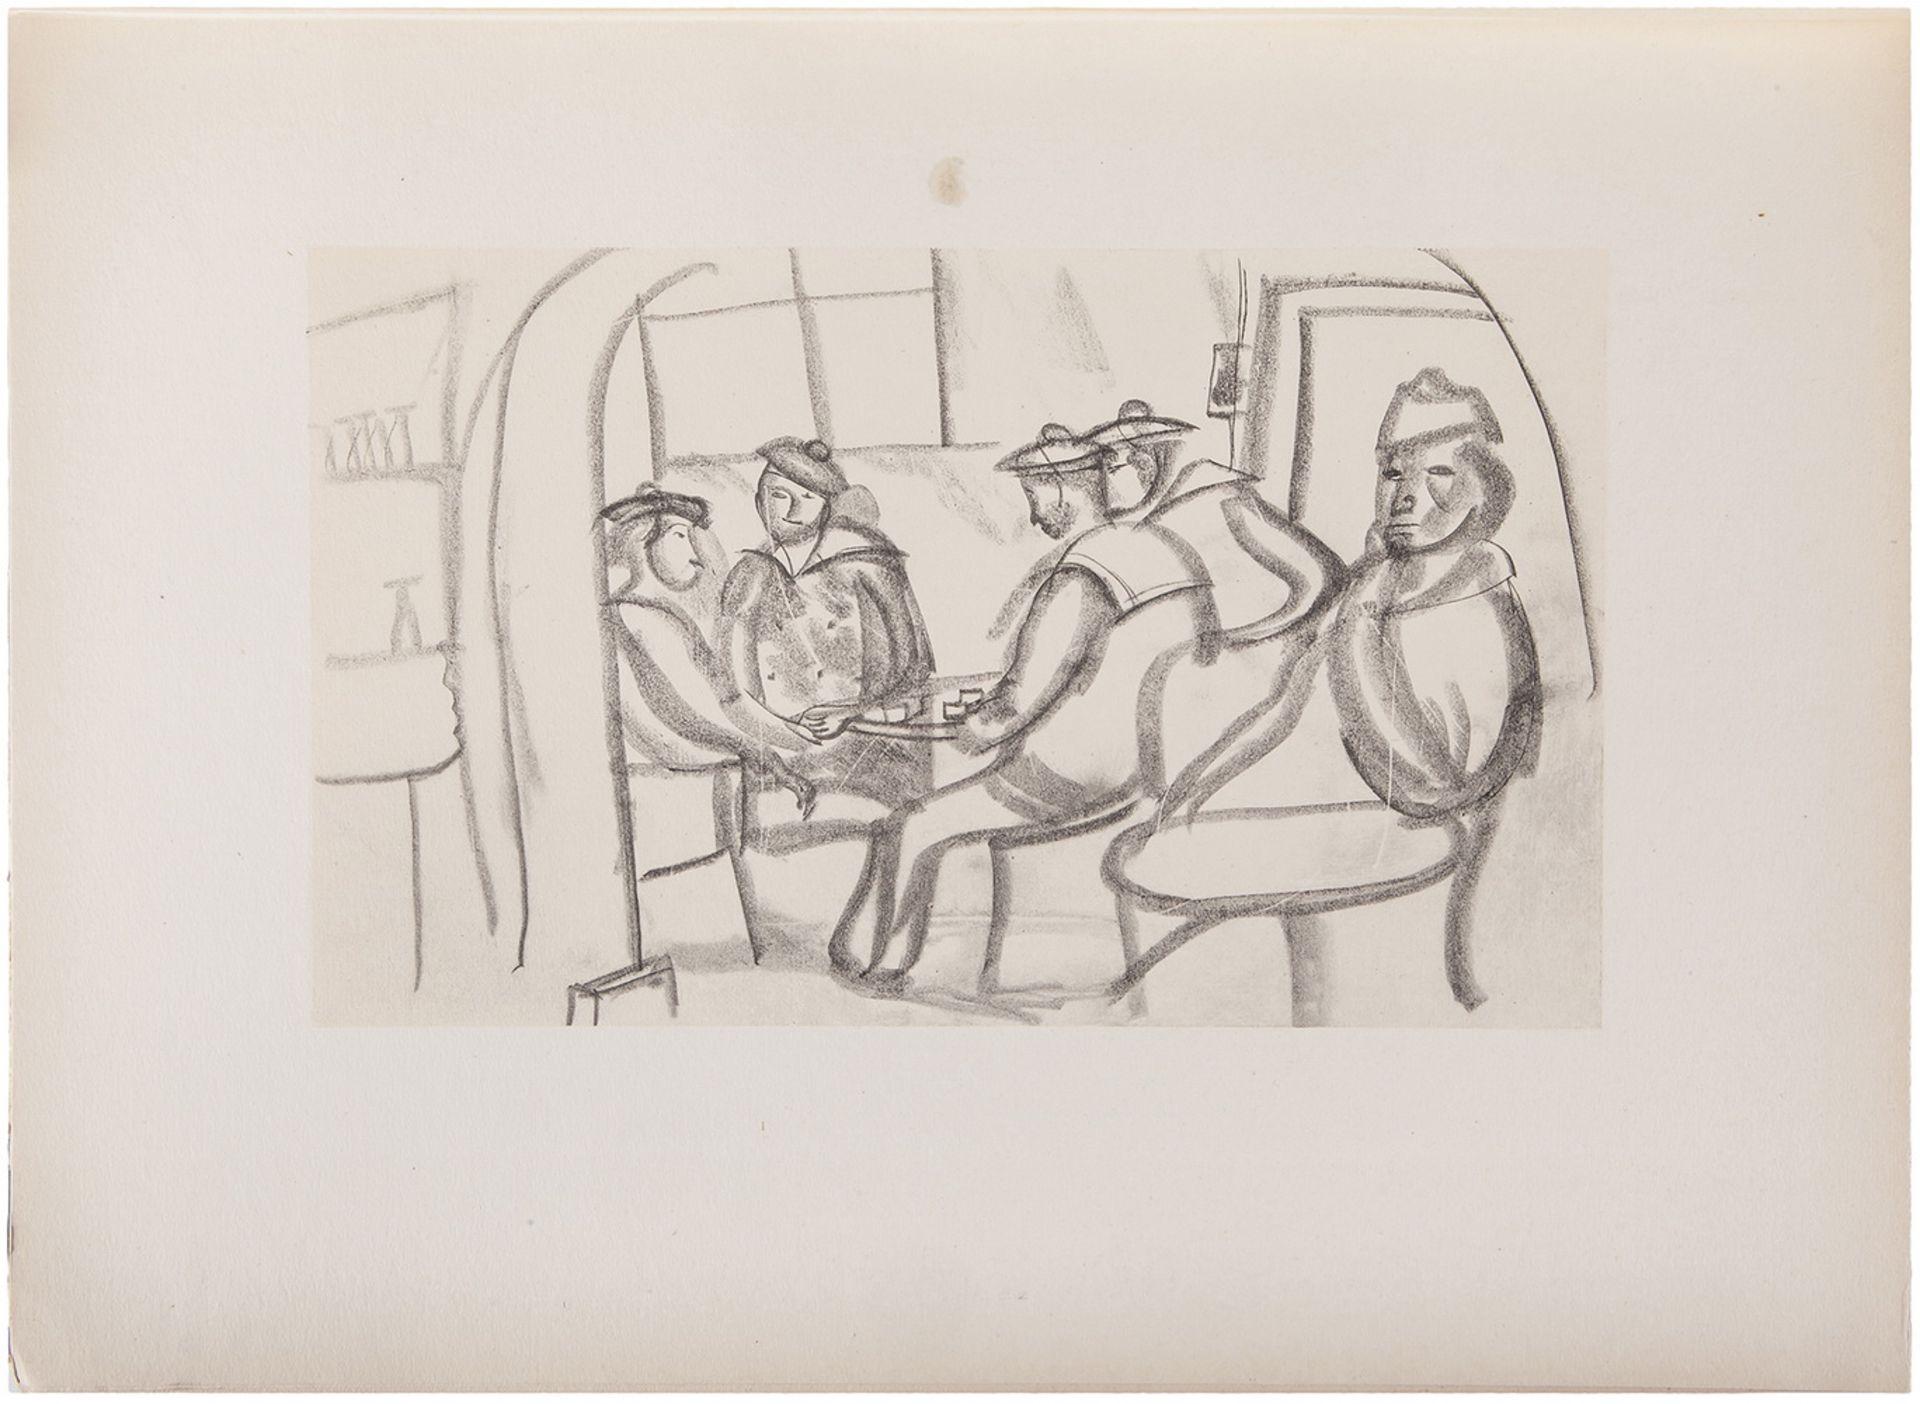 Grigorieff, B. Boui Bouis / Boris Grigorieff; text von Claude Farrere, S. Makowsky und B. Schloezer. - Bild 4 aus 5